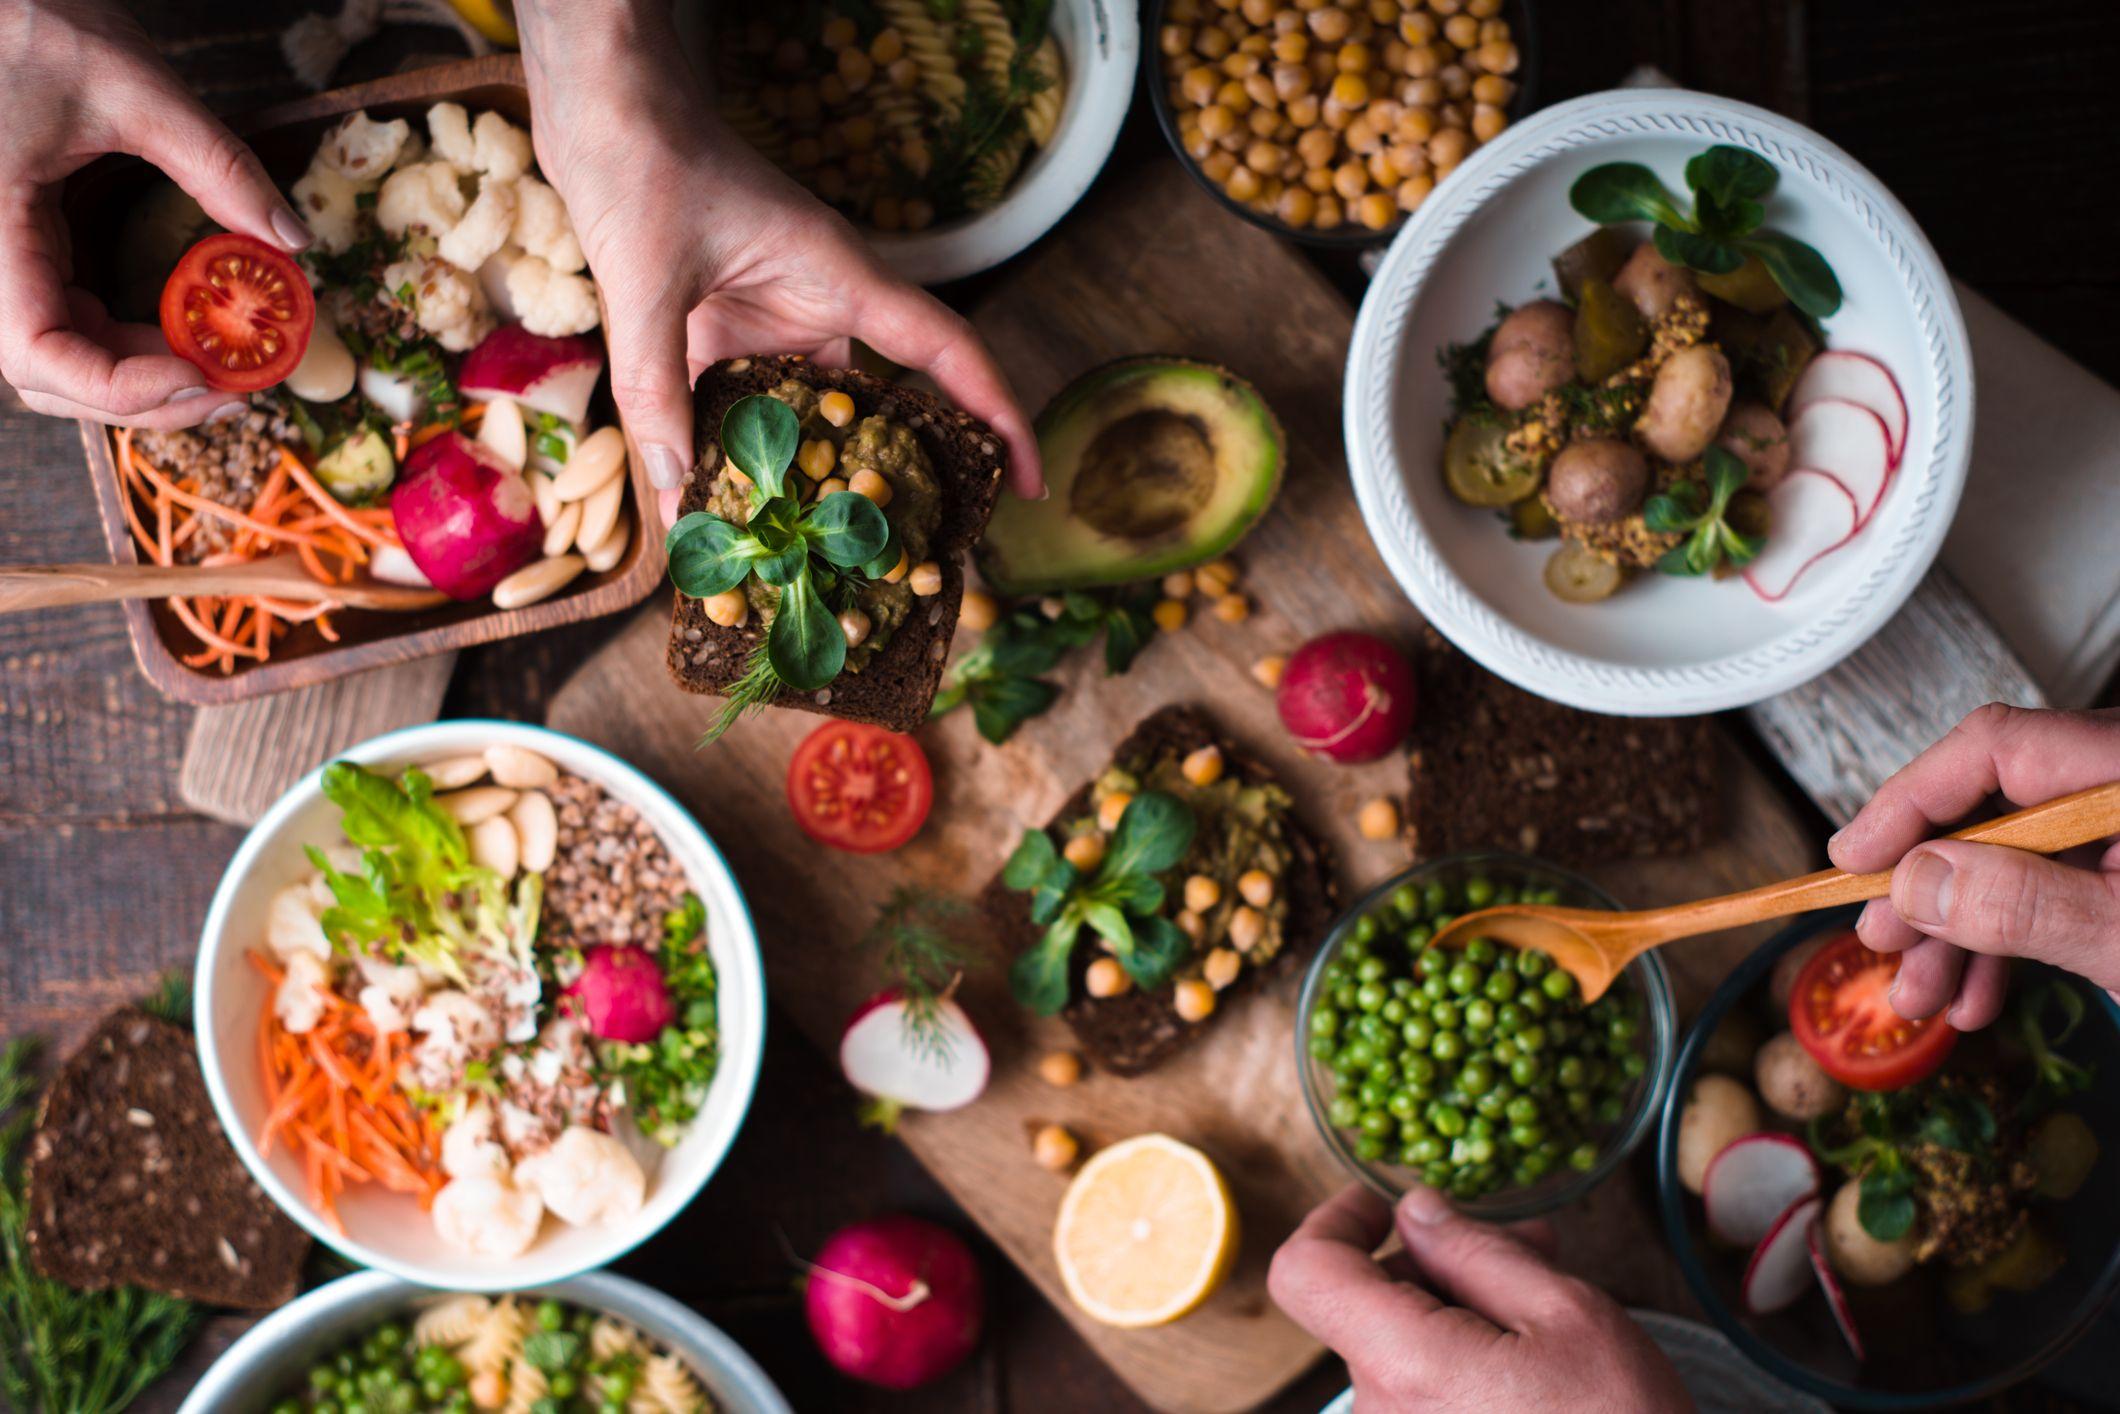 Dieta Settimanale Vegetariana : Dieta settimanale vegetariana equilibrata menu settimanale